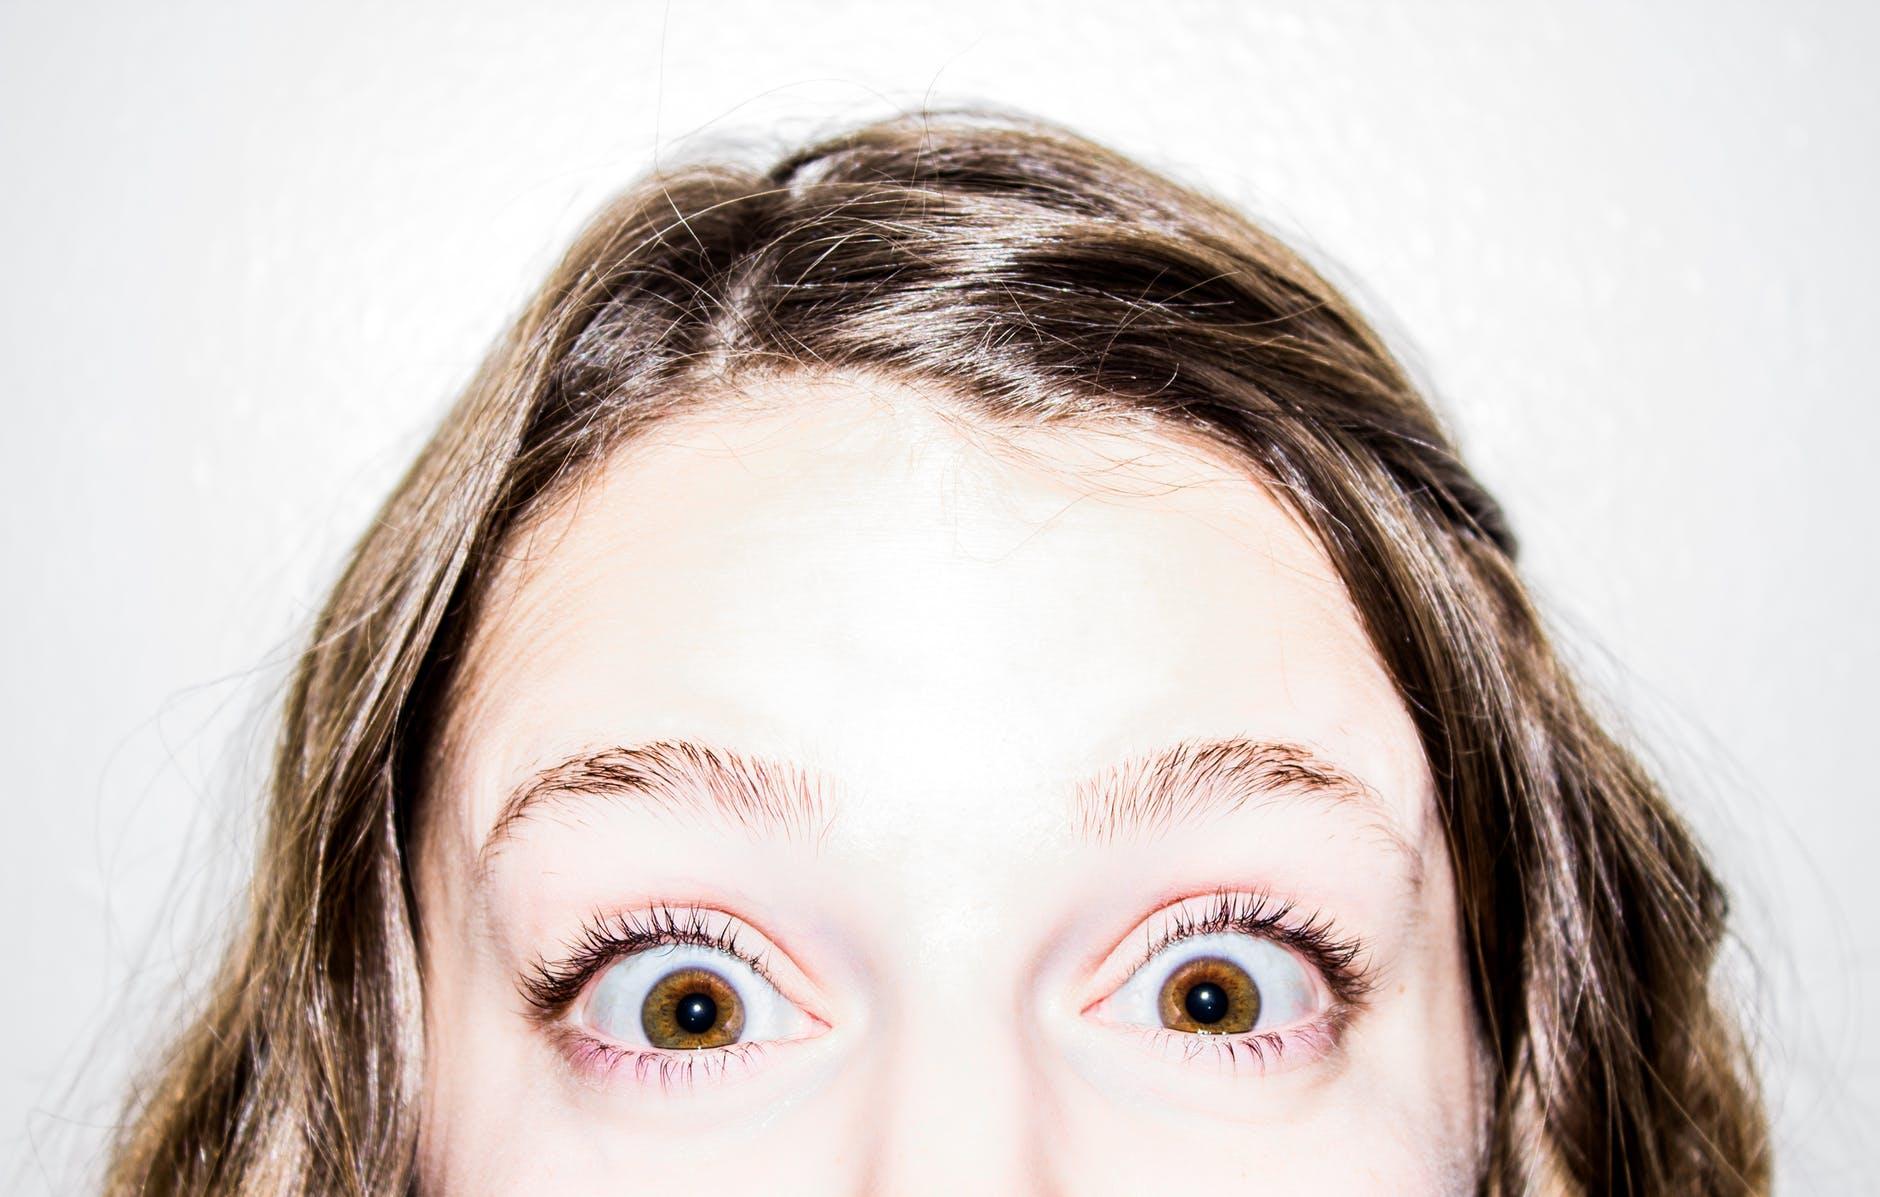 Tiques nos olhos.jpeg